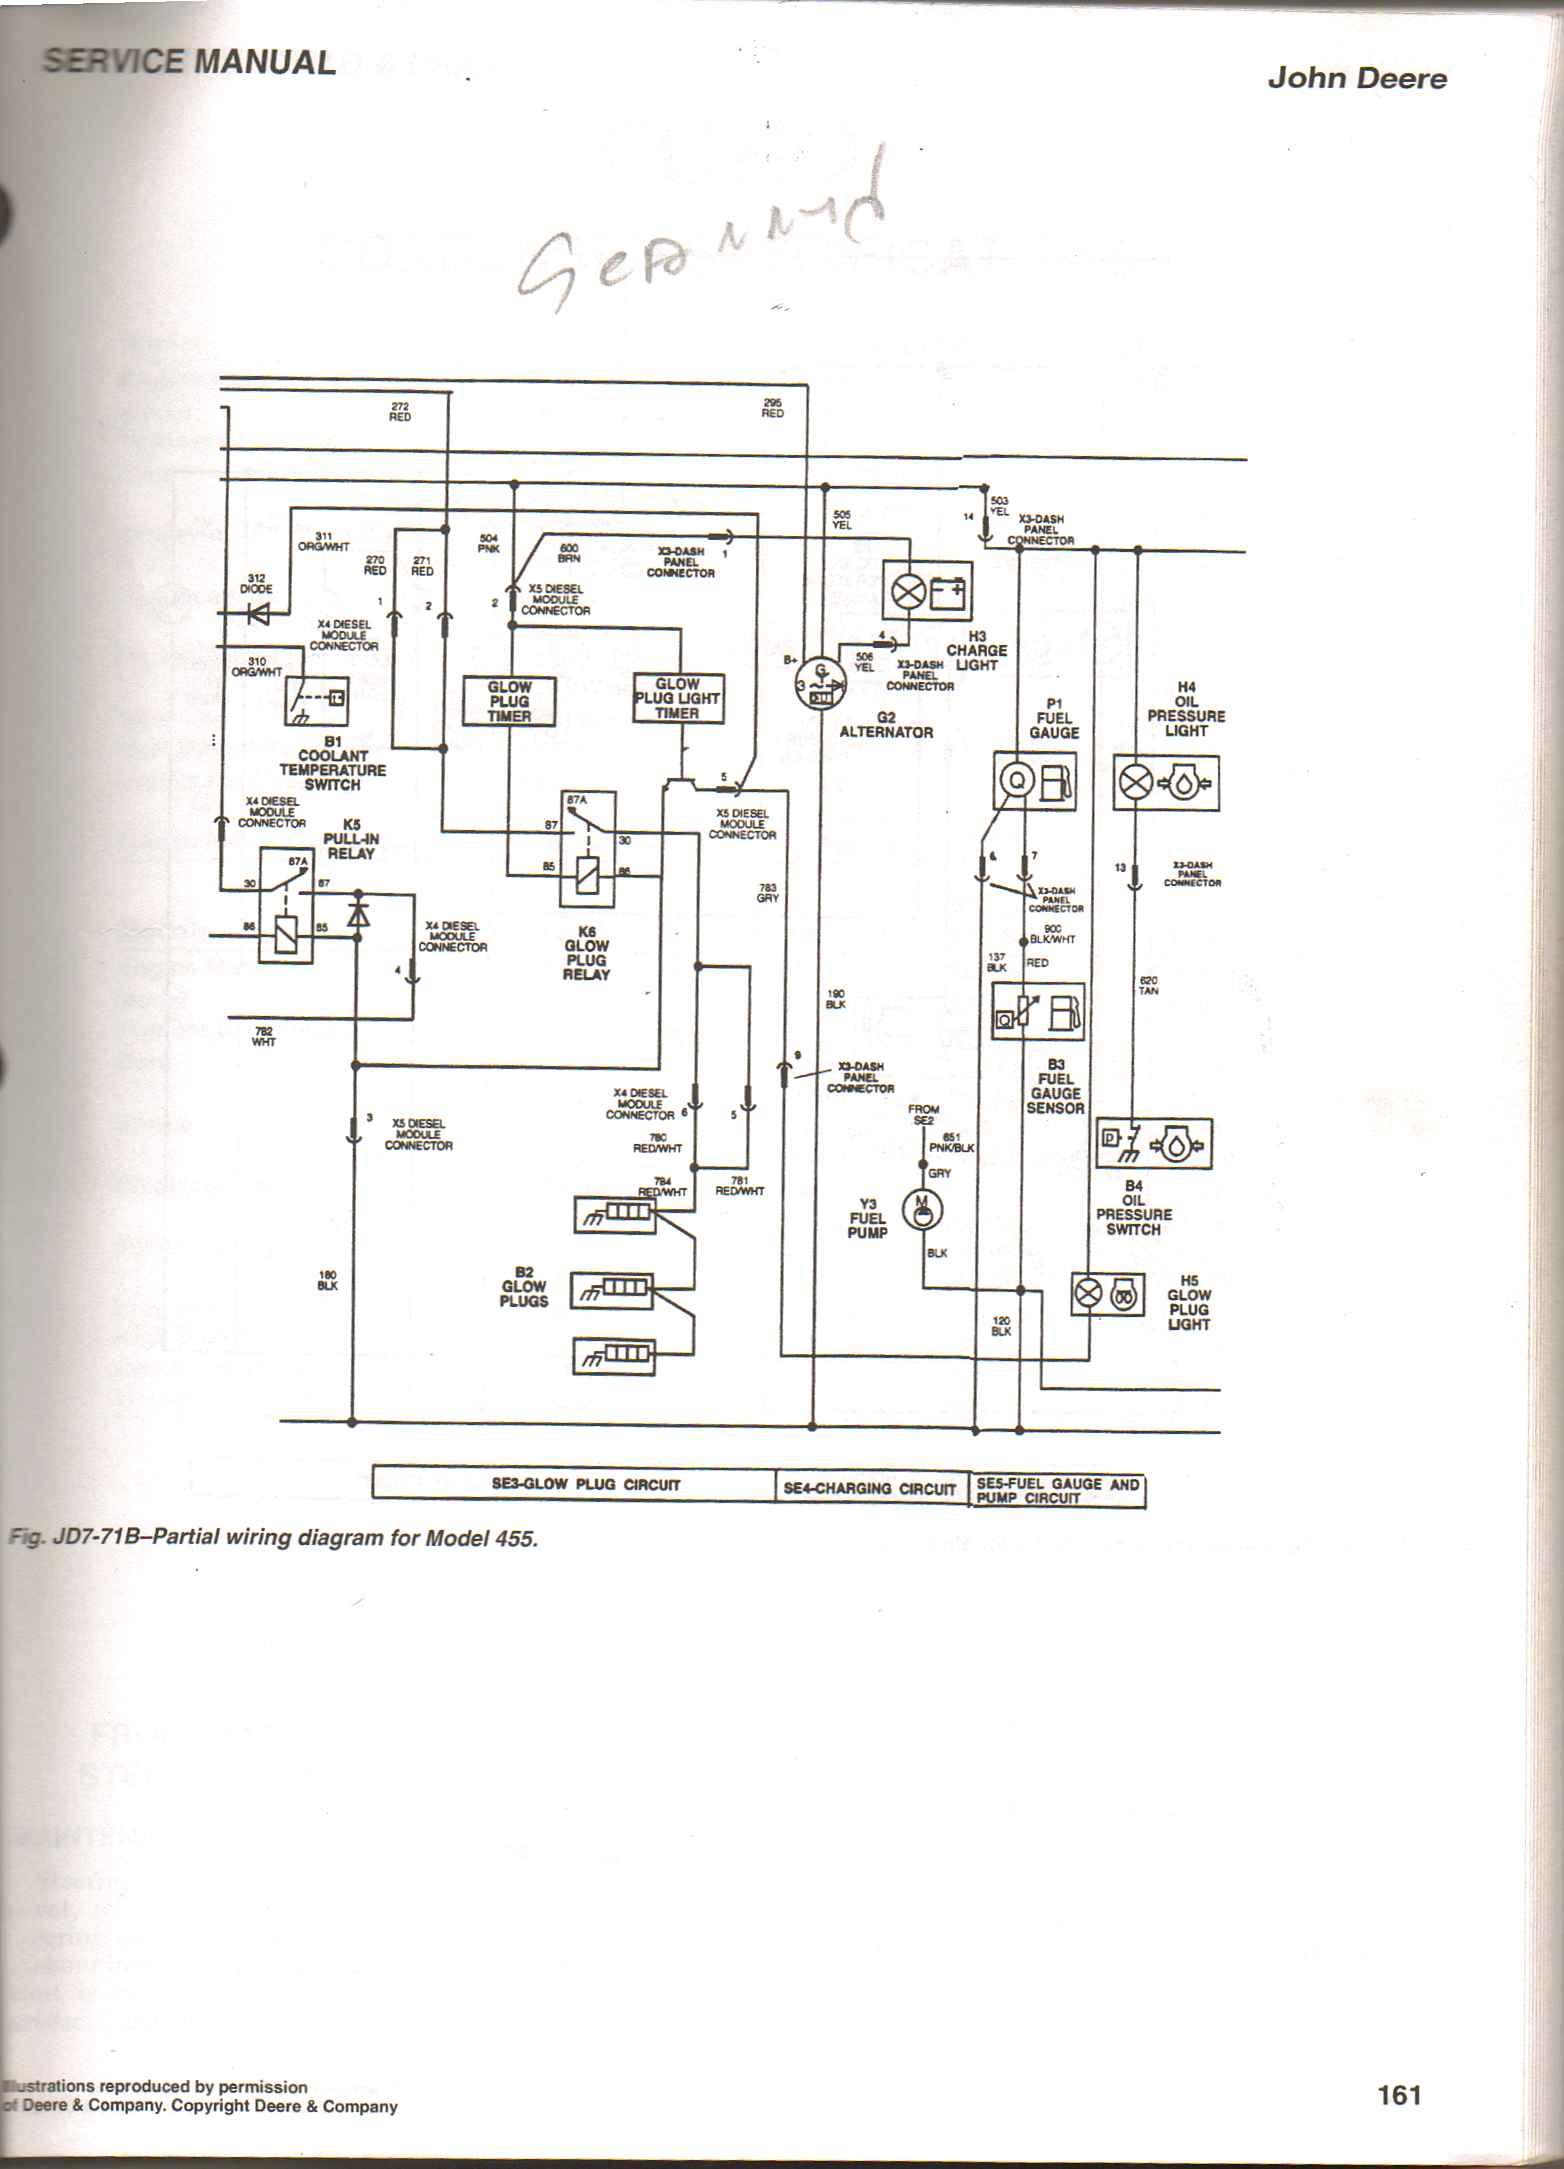 FS_7587] John Deere Pto Switch Wiring Diagram In Addition John Deere Wiring  Download DiagramLopla Boapu Mohammedshrine Librar Wiring 101